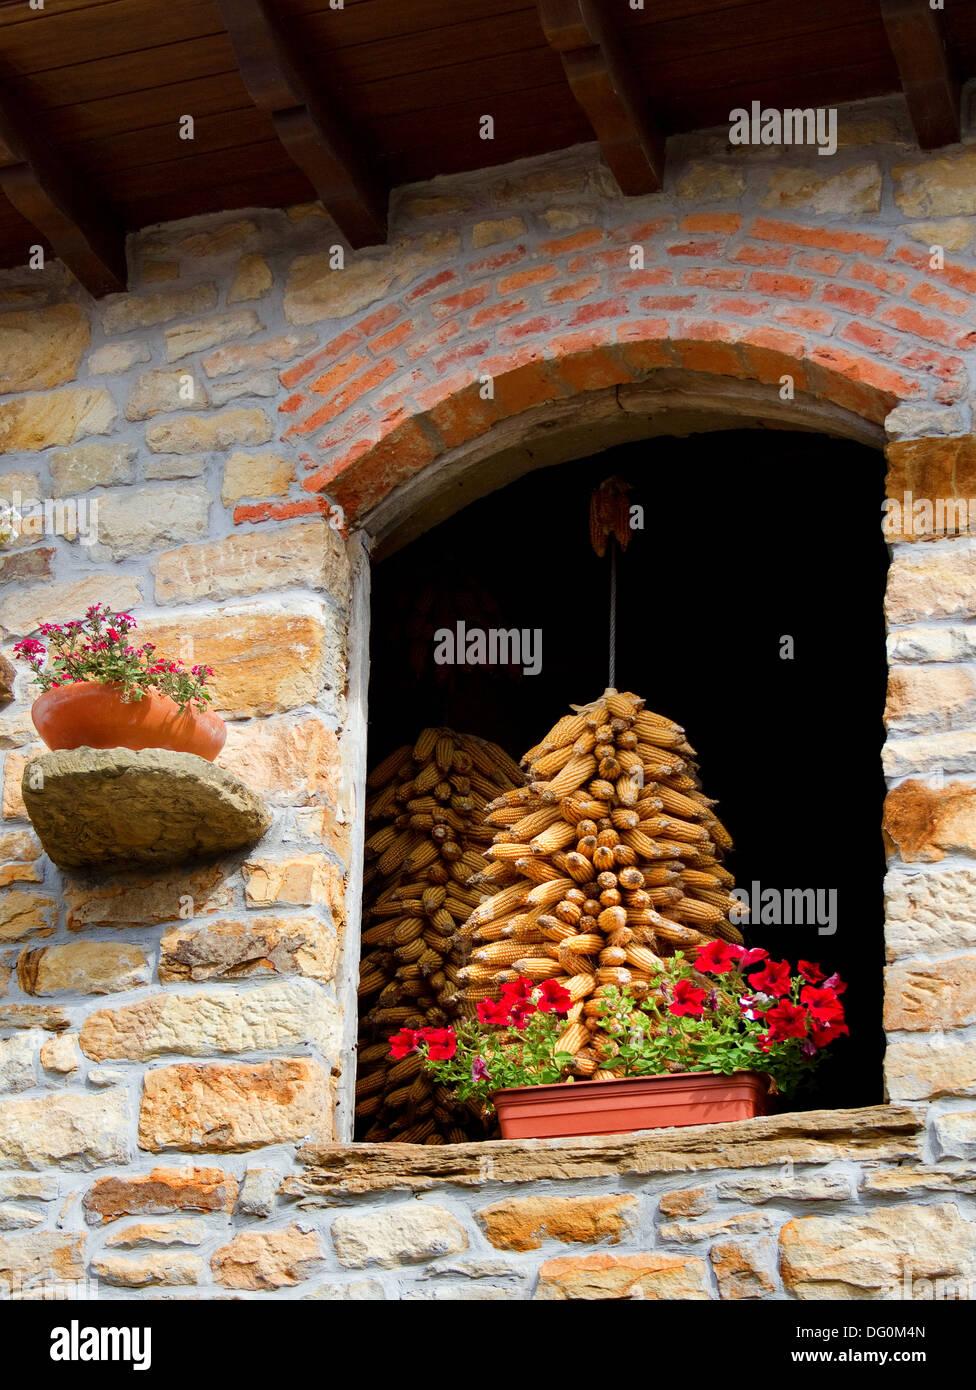 Montón de mazorcas de maíz secado en ambiente rural. Imagen De Stock